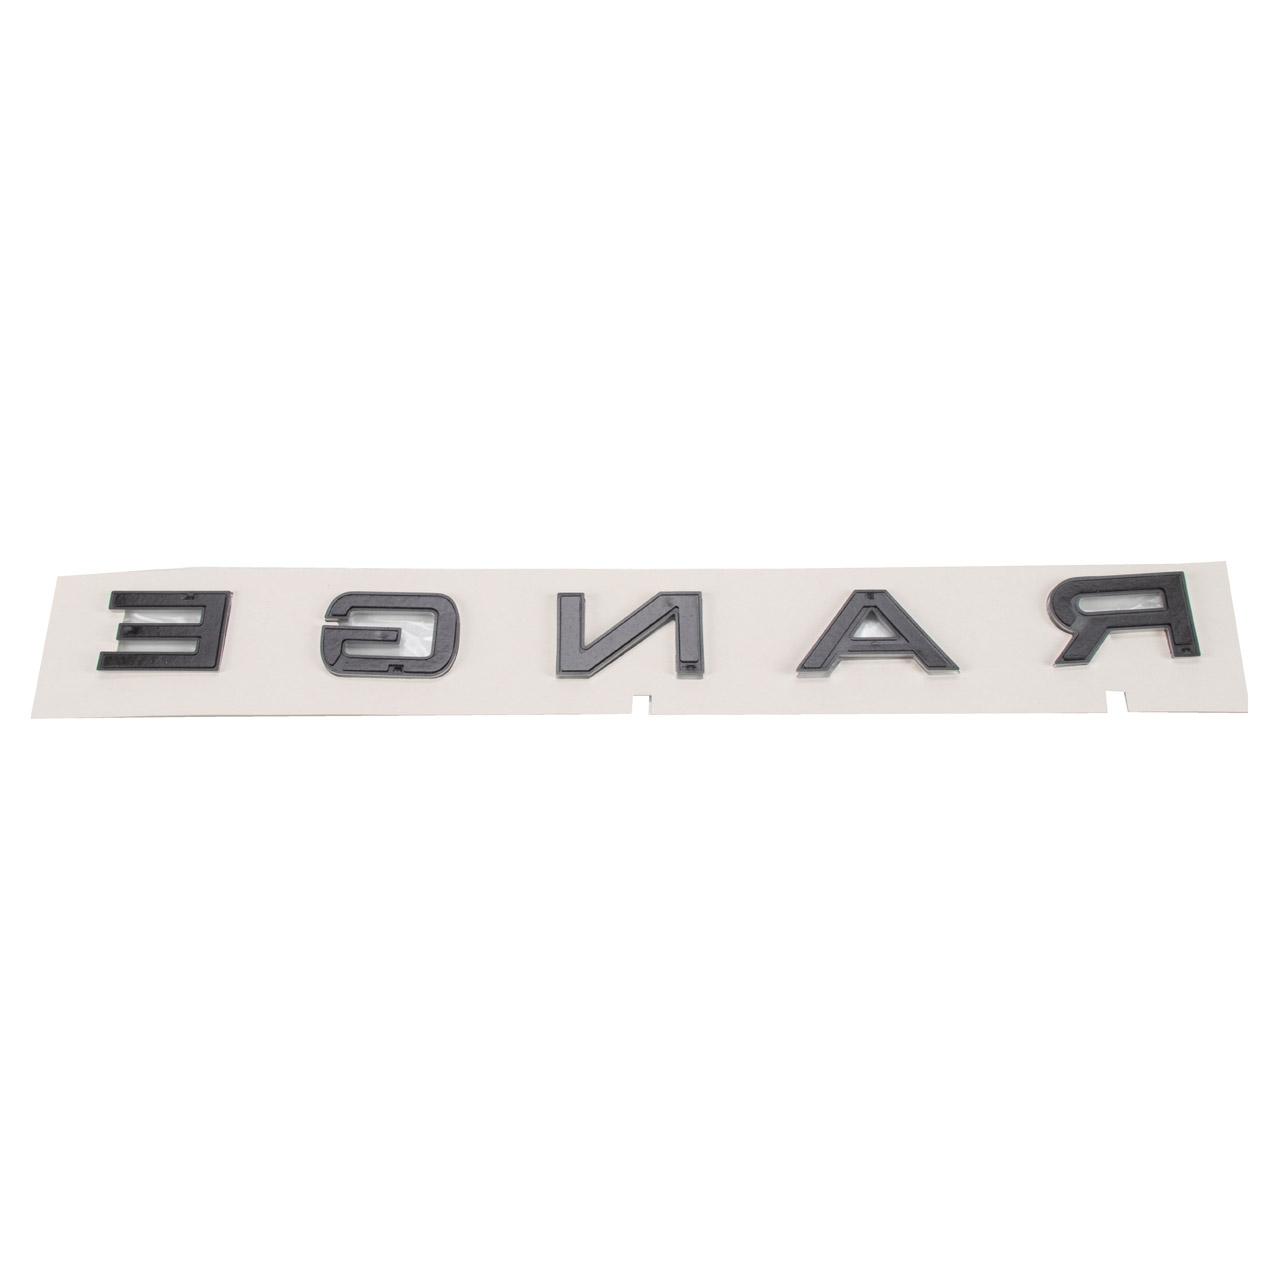 ORIGINAL Land Rover Emblem Schriftzug Motorhaube Range Roer Evoque LR026394